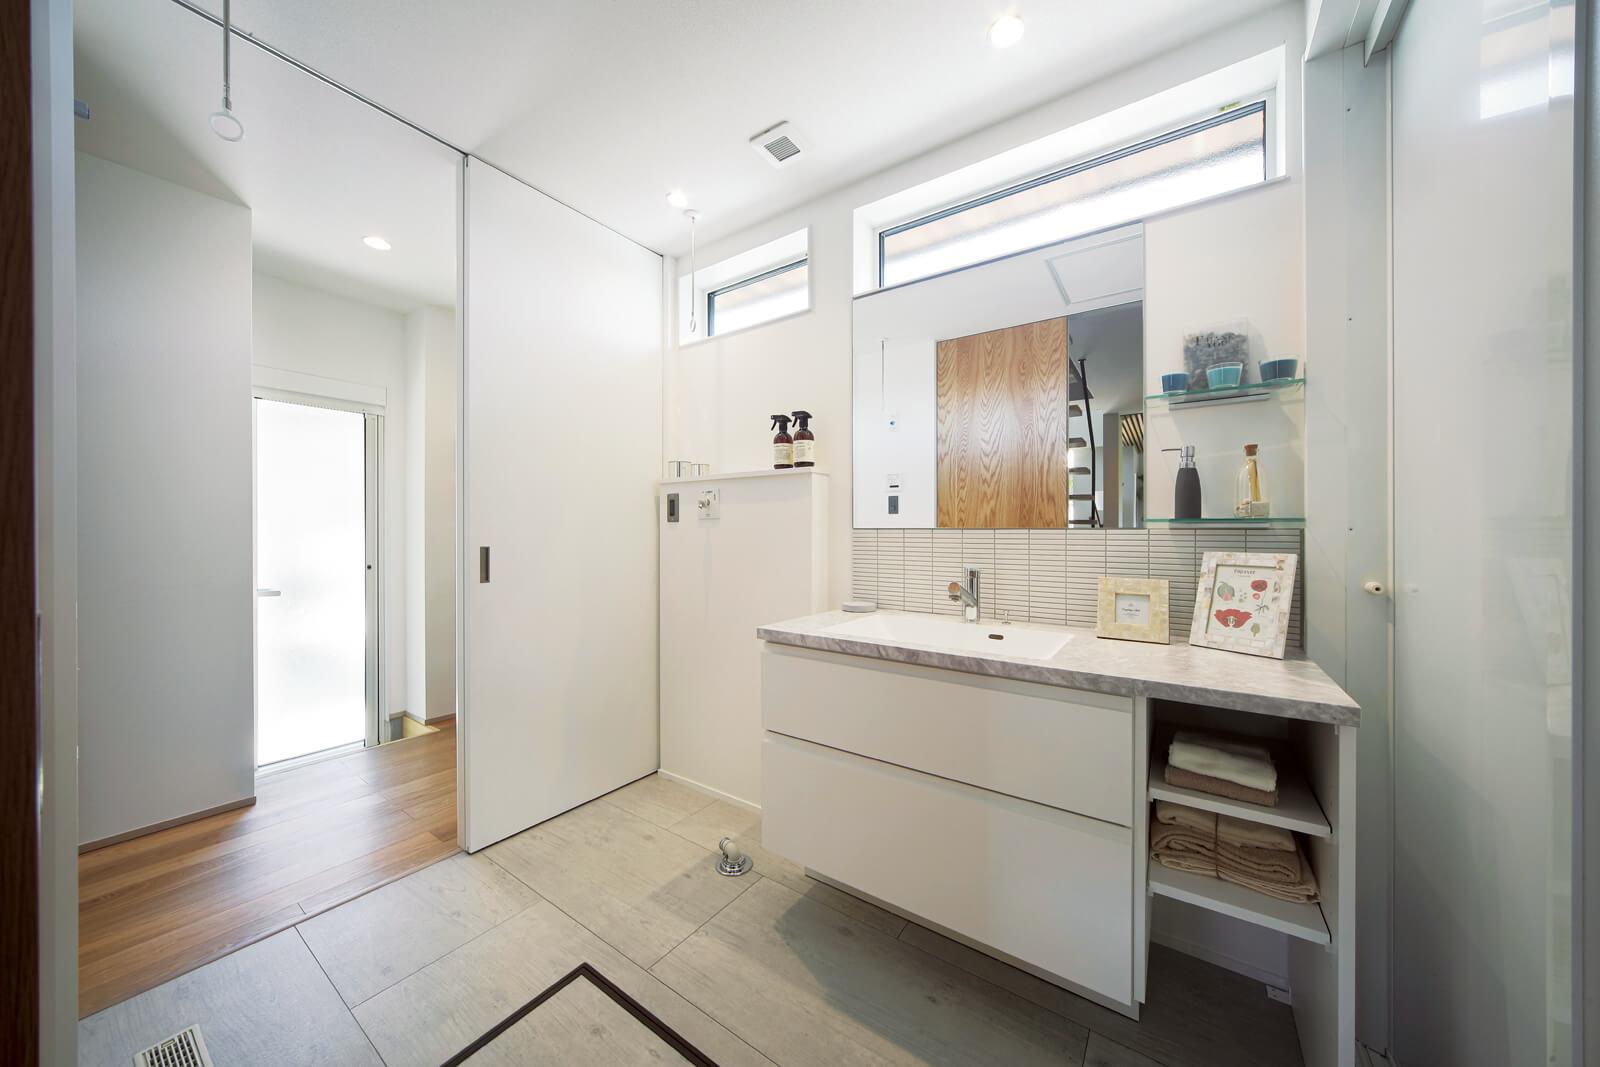 清潔感のあるユーティリティ。パントリーやキッチンに通じる回遊動線で家事の負担を軽減